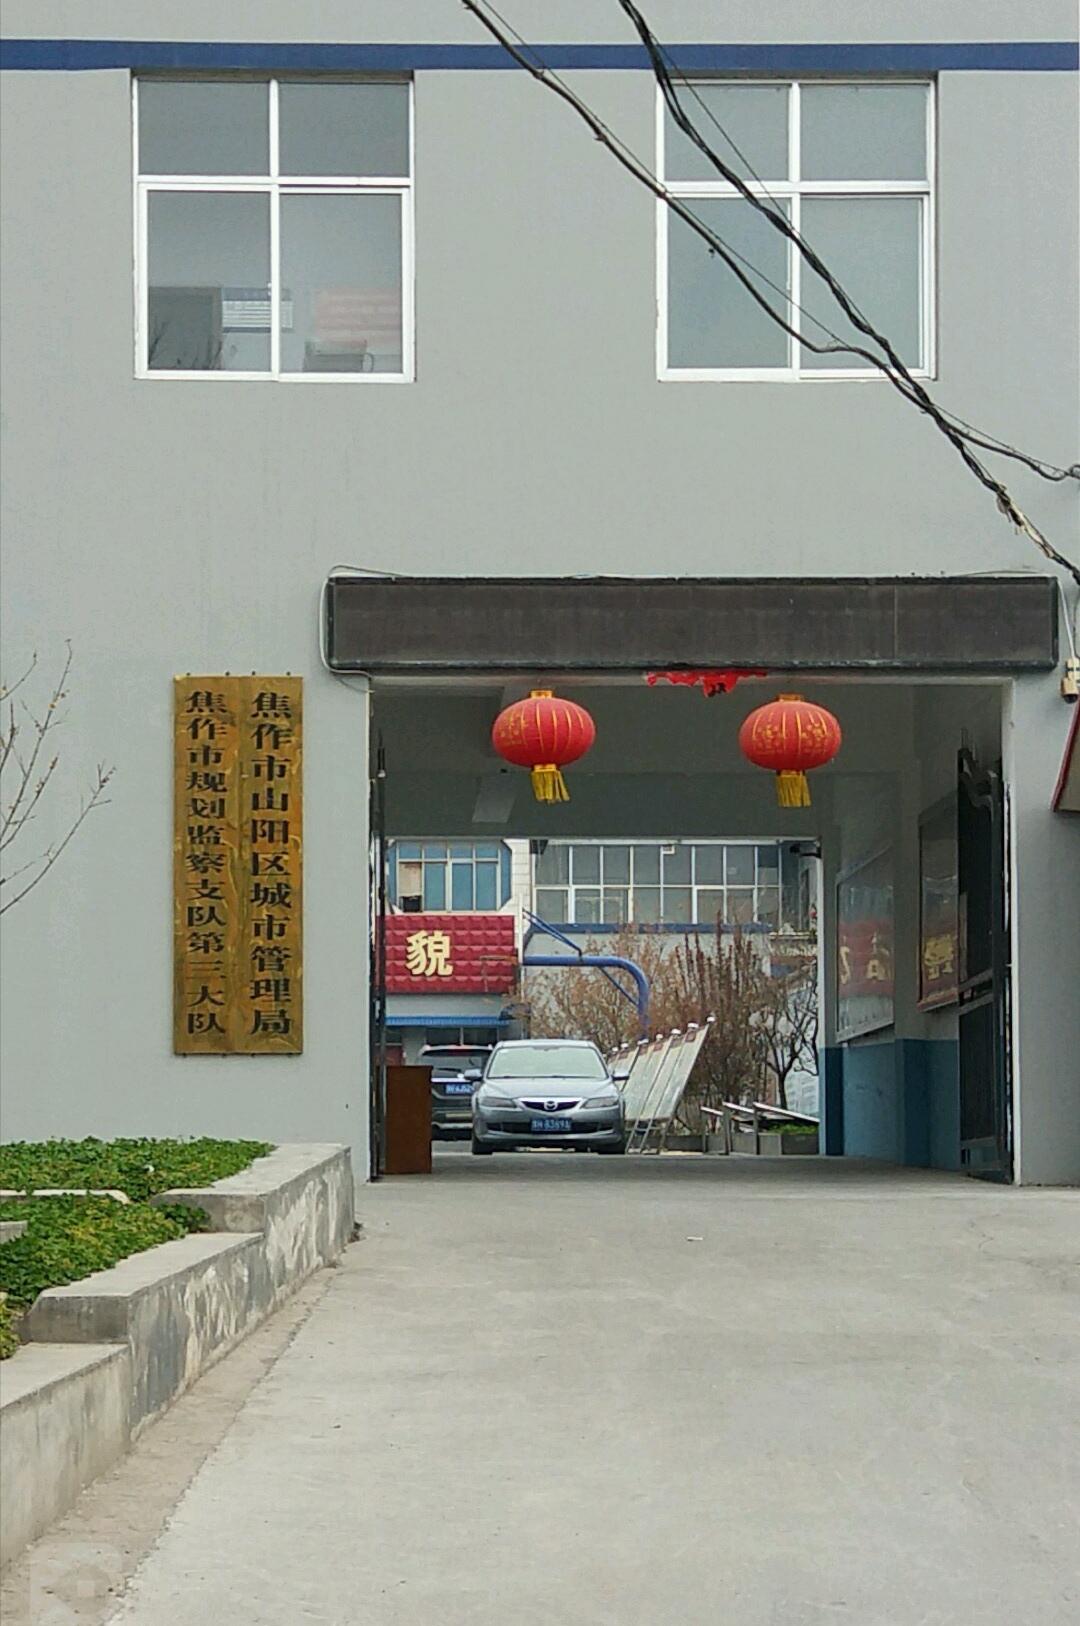 【zg】_河南焦作城管局一执法队长在办公地上吊自杀身亡